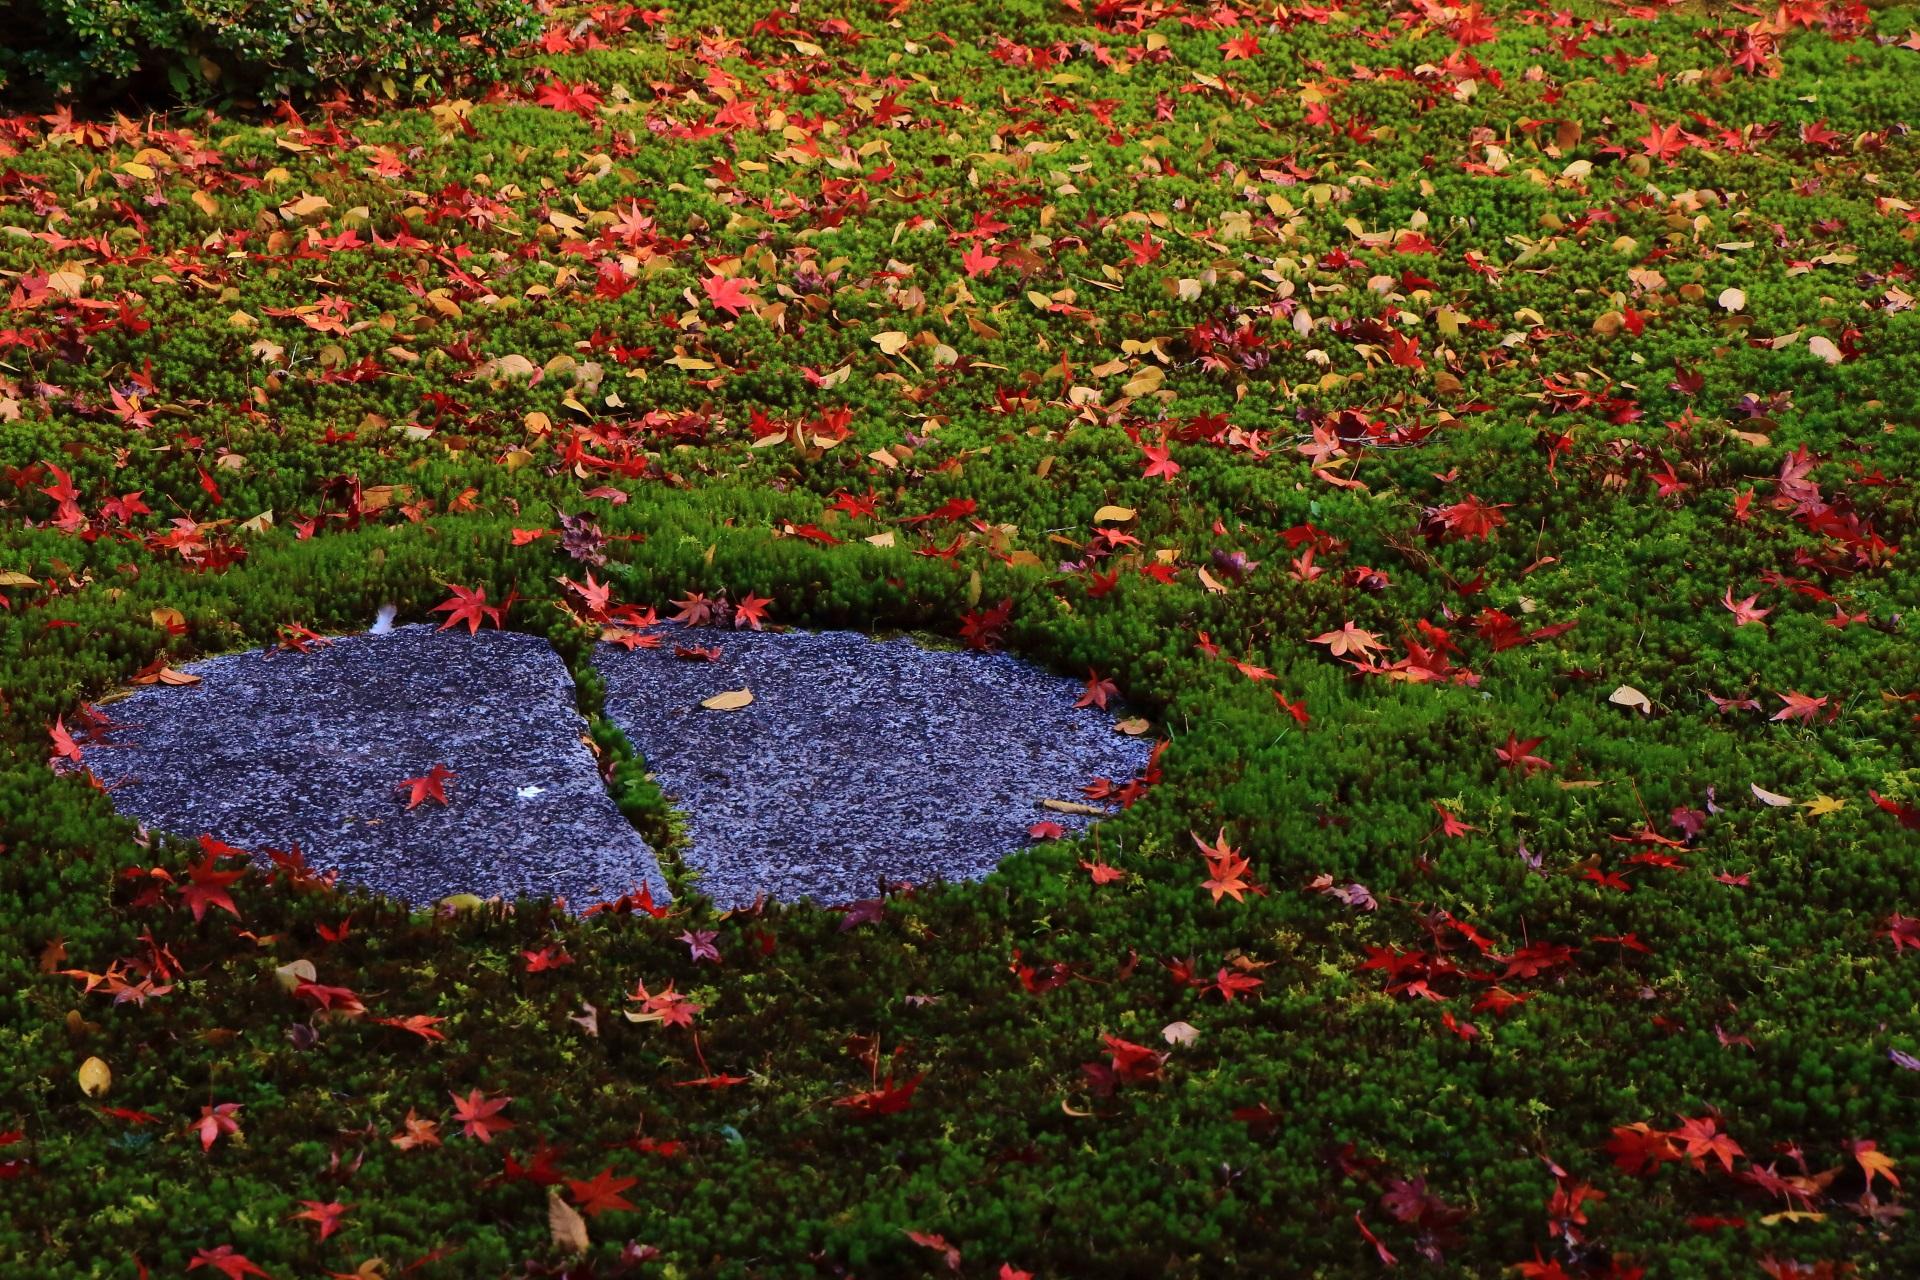 本法寺の緑の苔を染める色とりどりの散りもみじ